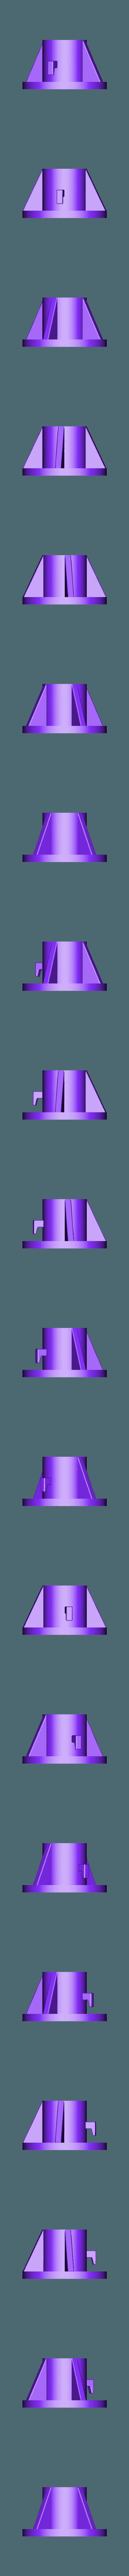 Fuß.stl Télécharger fichier STL gratuit Pied pour le pavillon 32mm • Objet pour imprimante 3D, guido1989